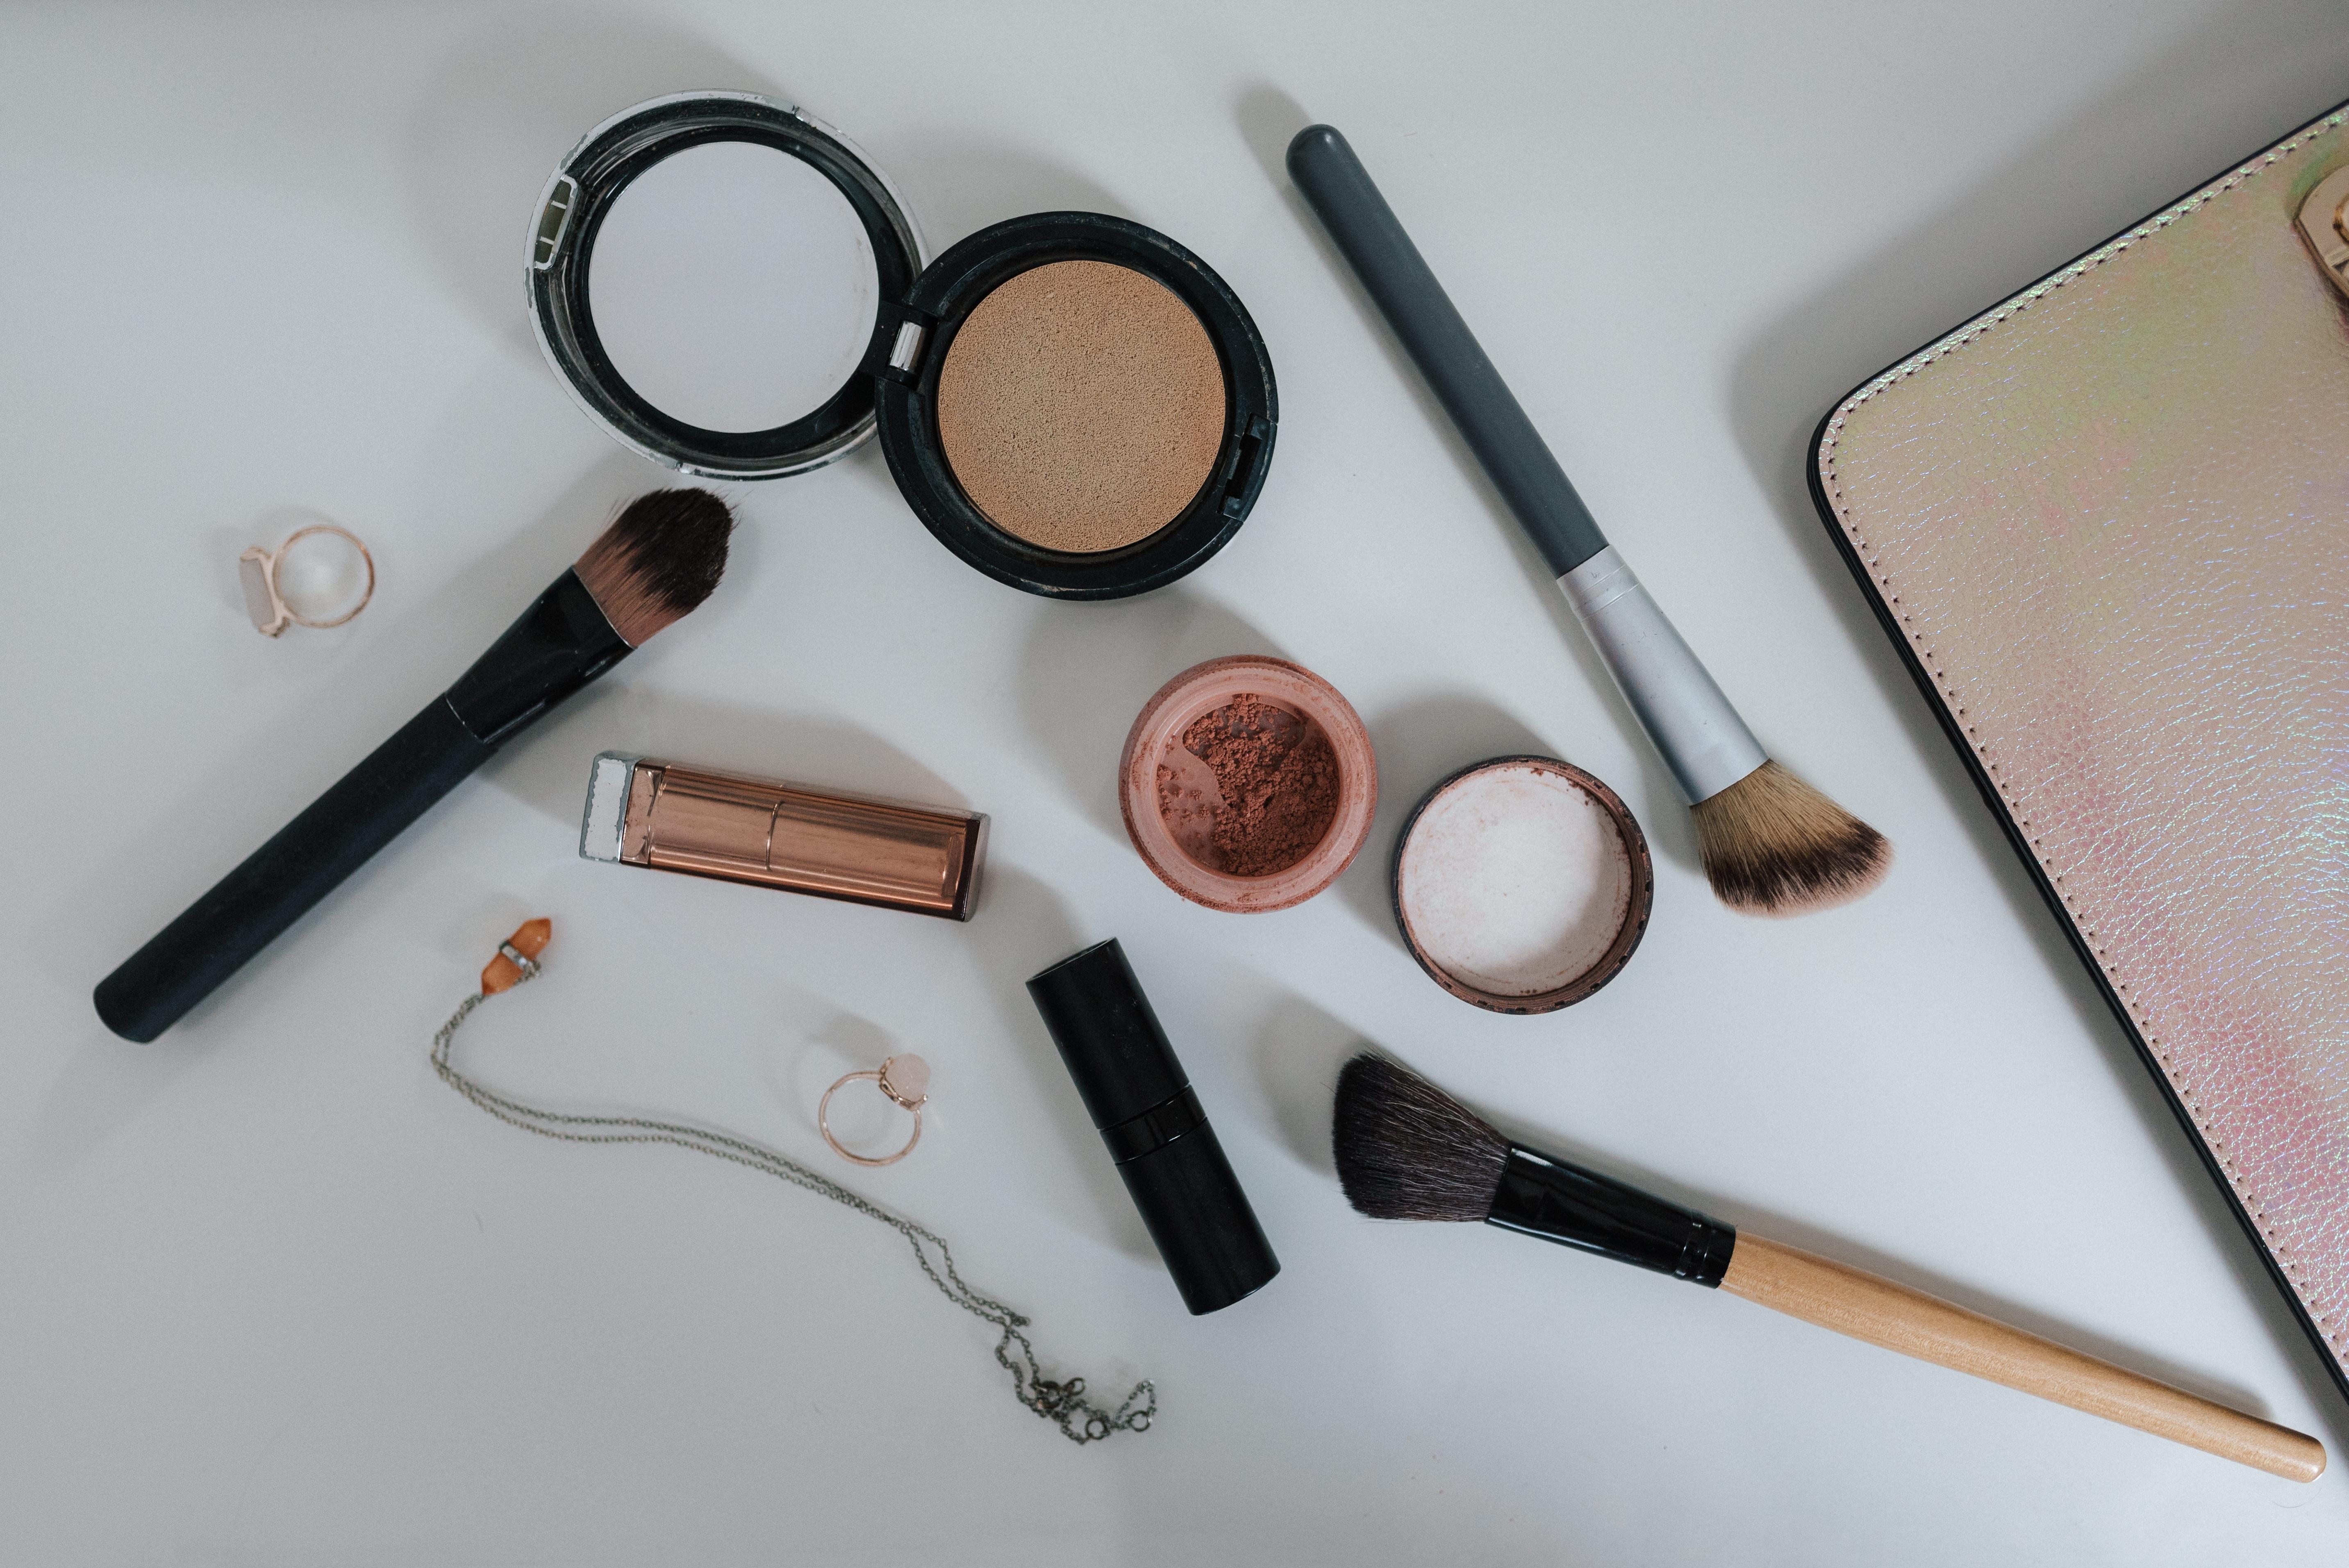 『美容皮膚科』で働く場合の特徴